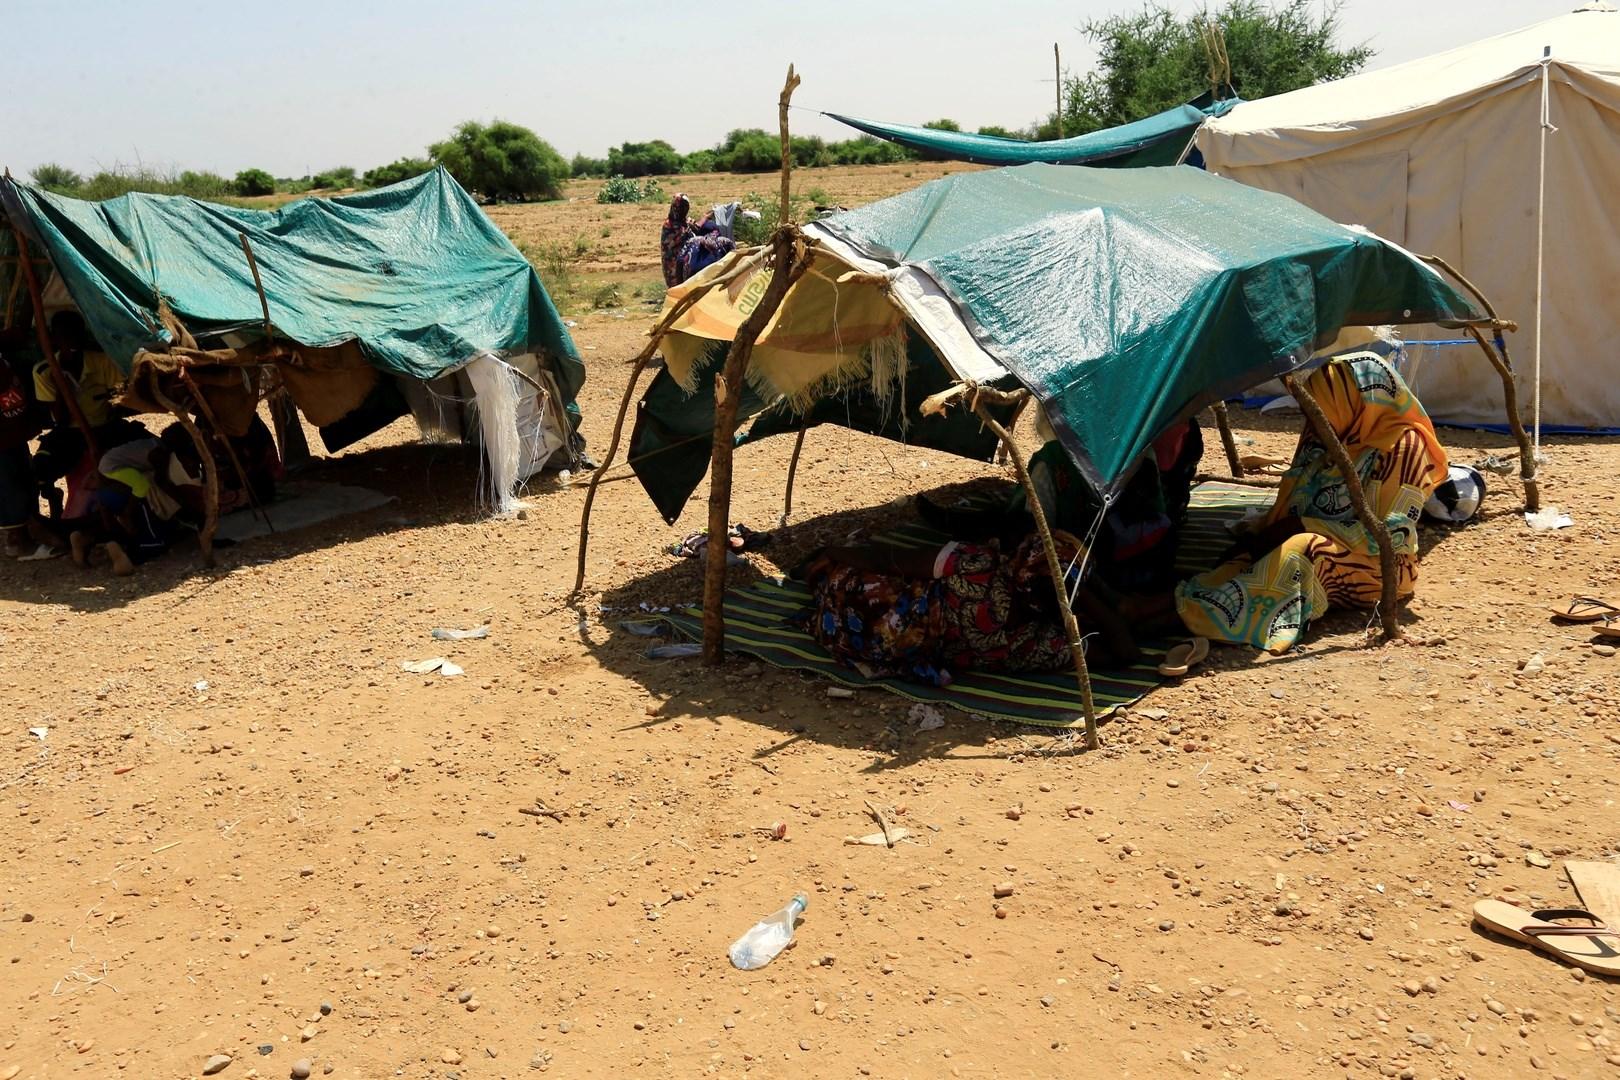 الدول الأوروبية تسهم بمبلغ 312 مليون يورو لدعم مشاريع مختلفة في  السودان